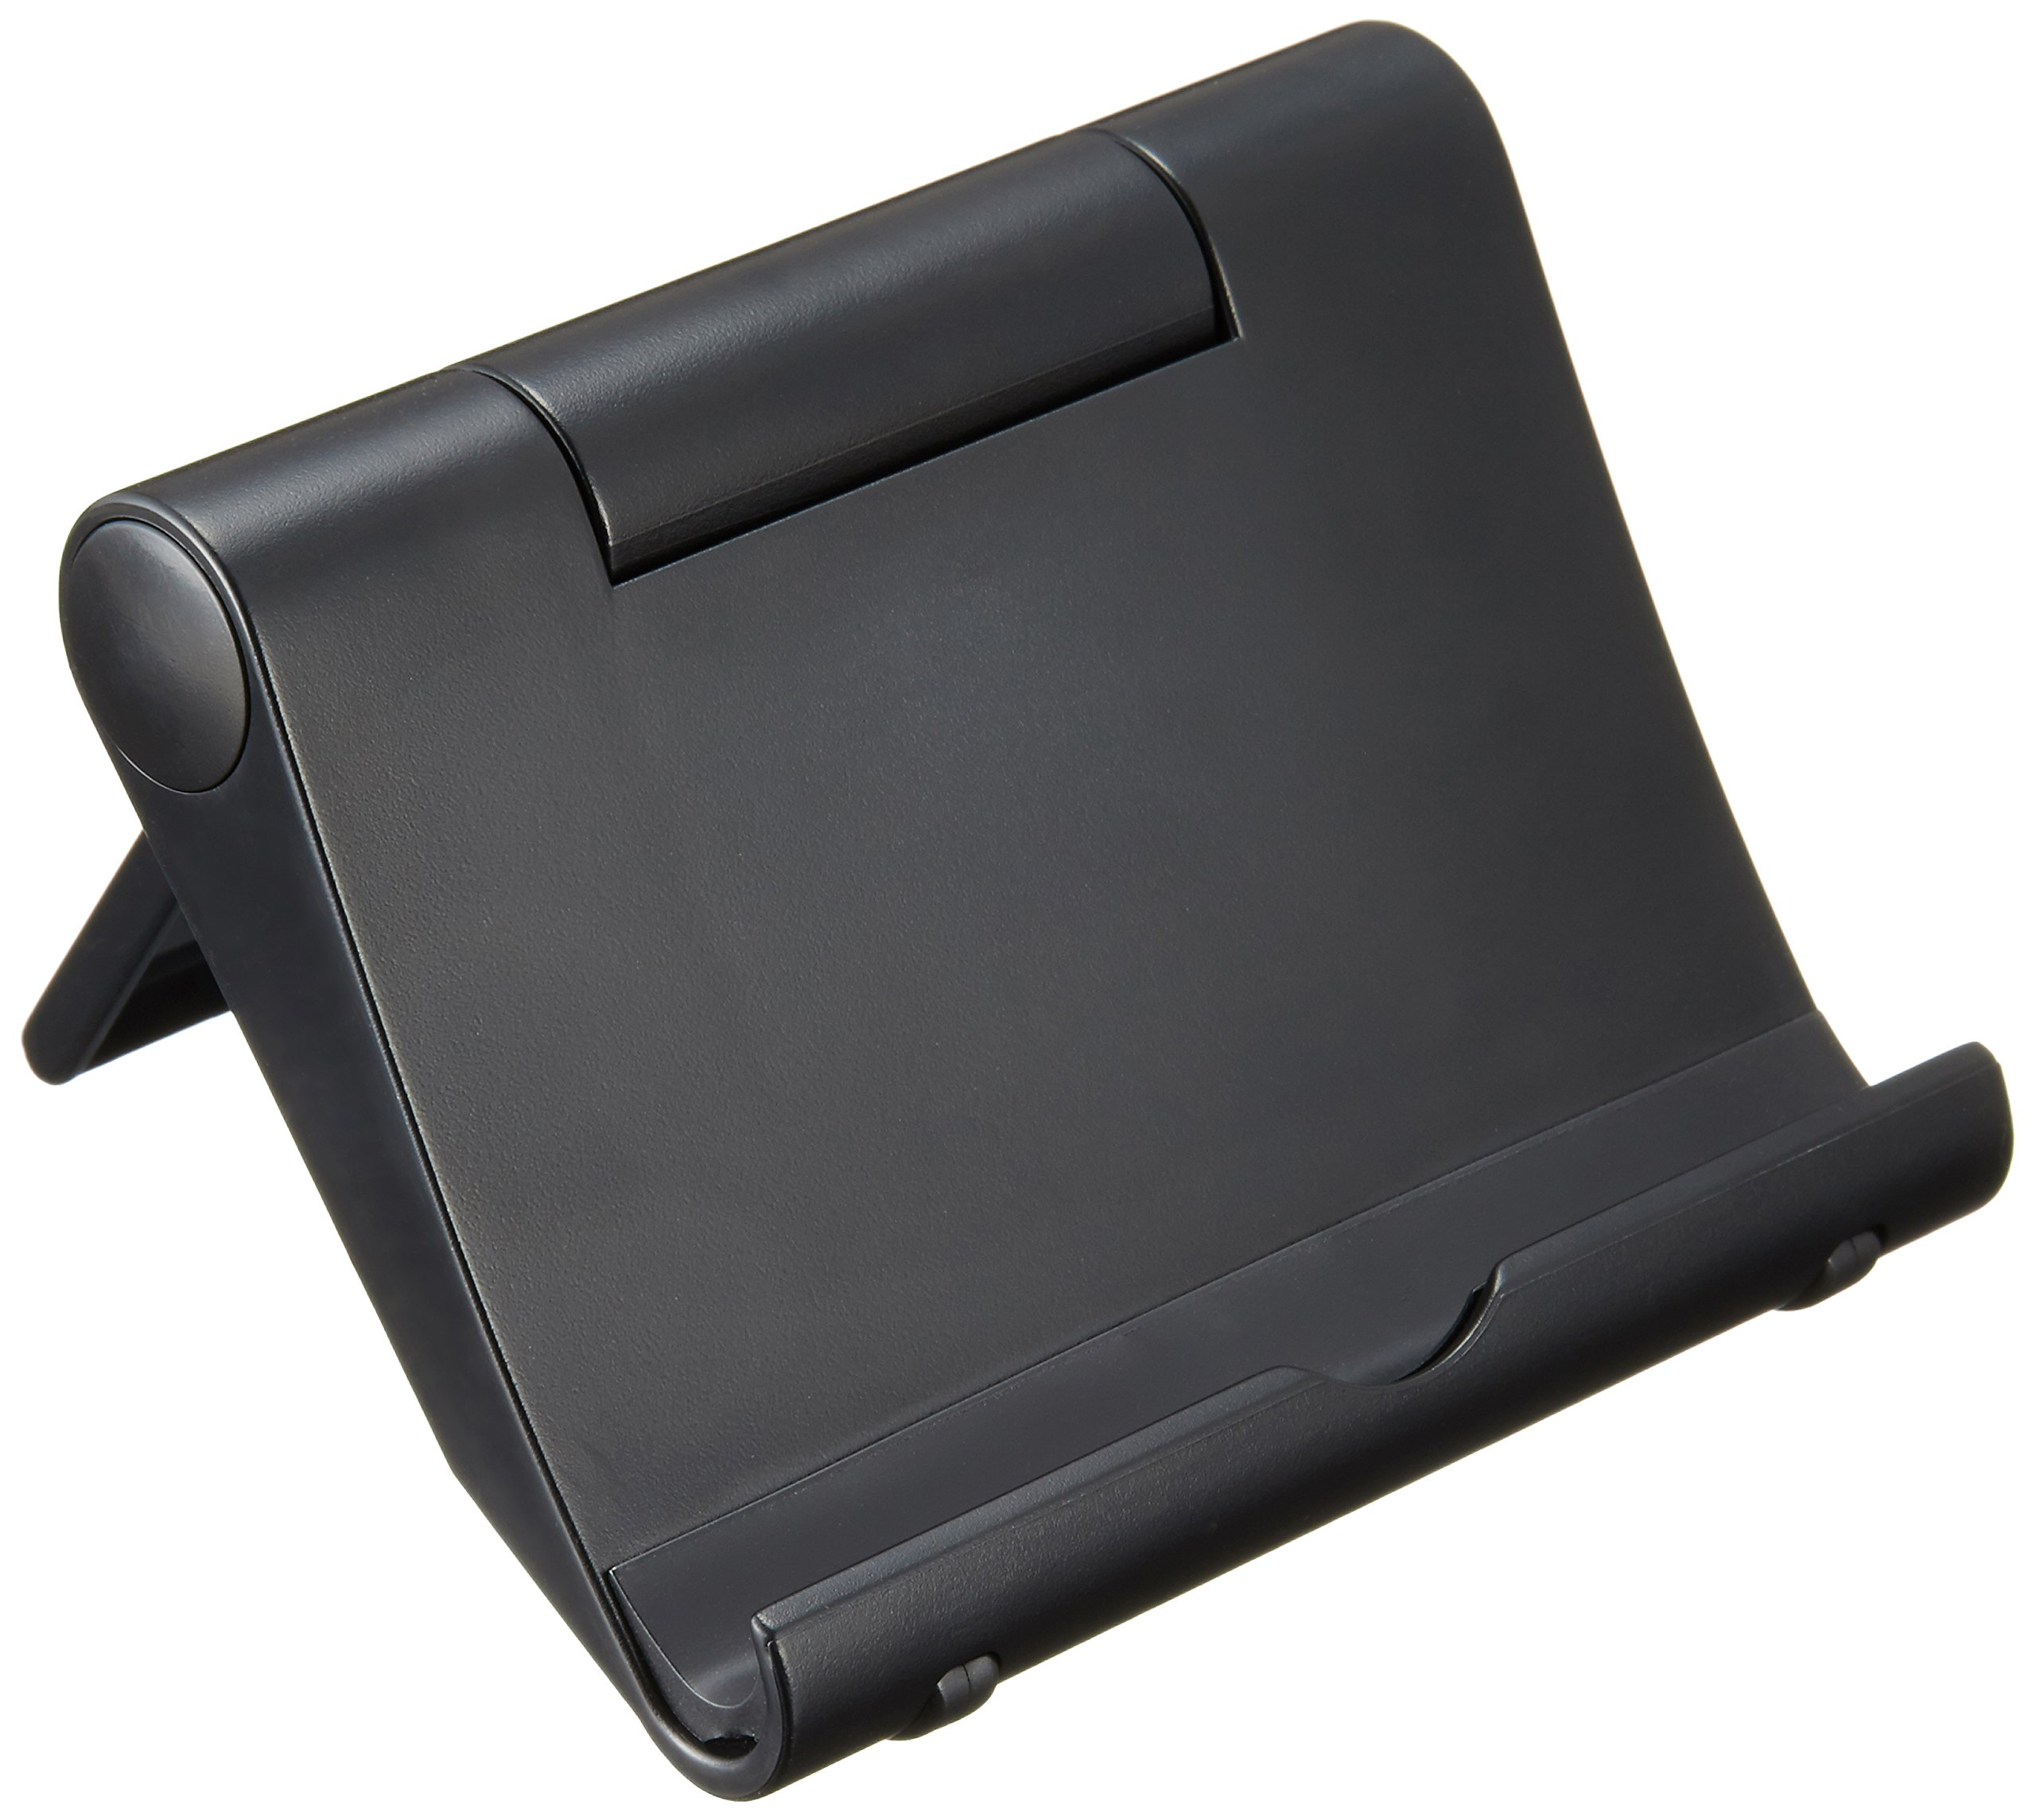 【Amazon認定】タブレット/スマホ スタンド 角度調整可能 NuPro プラスティック ブラック Kindle, iPad, iPad mini, iPhone, Nexus 7等